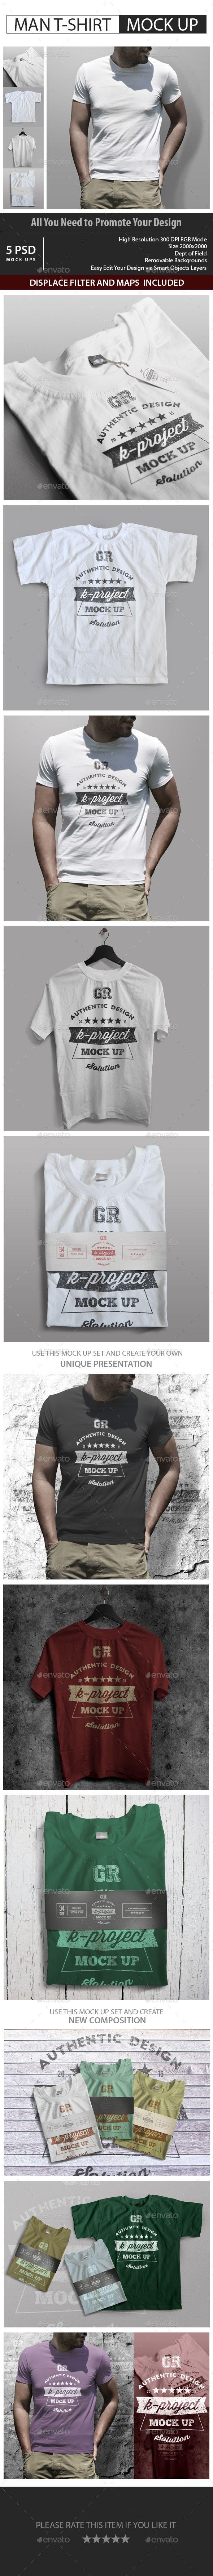 Download Man T Shirt Mock Up V2 Tshirt Mockup Clothing Mockup Shirt Print Design